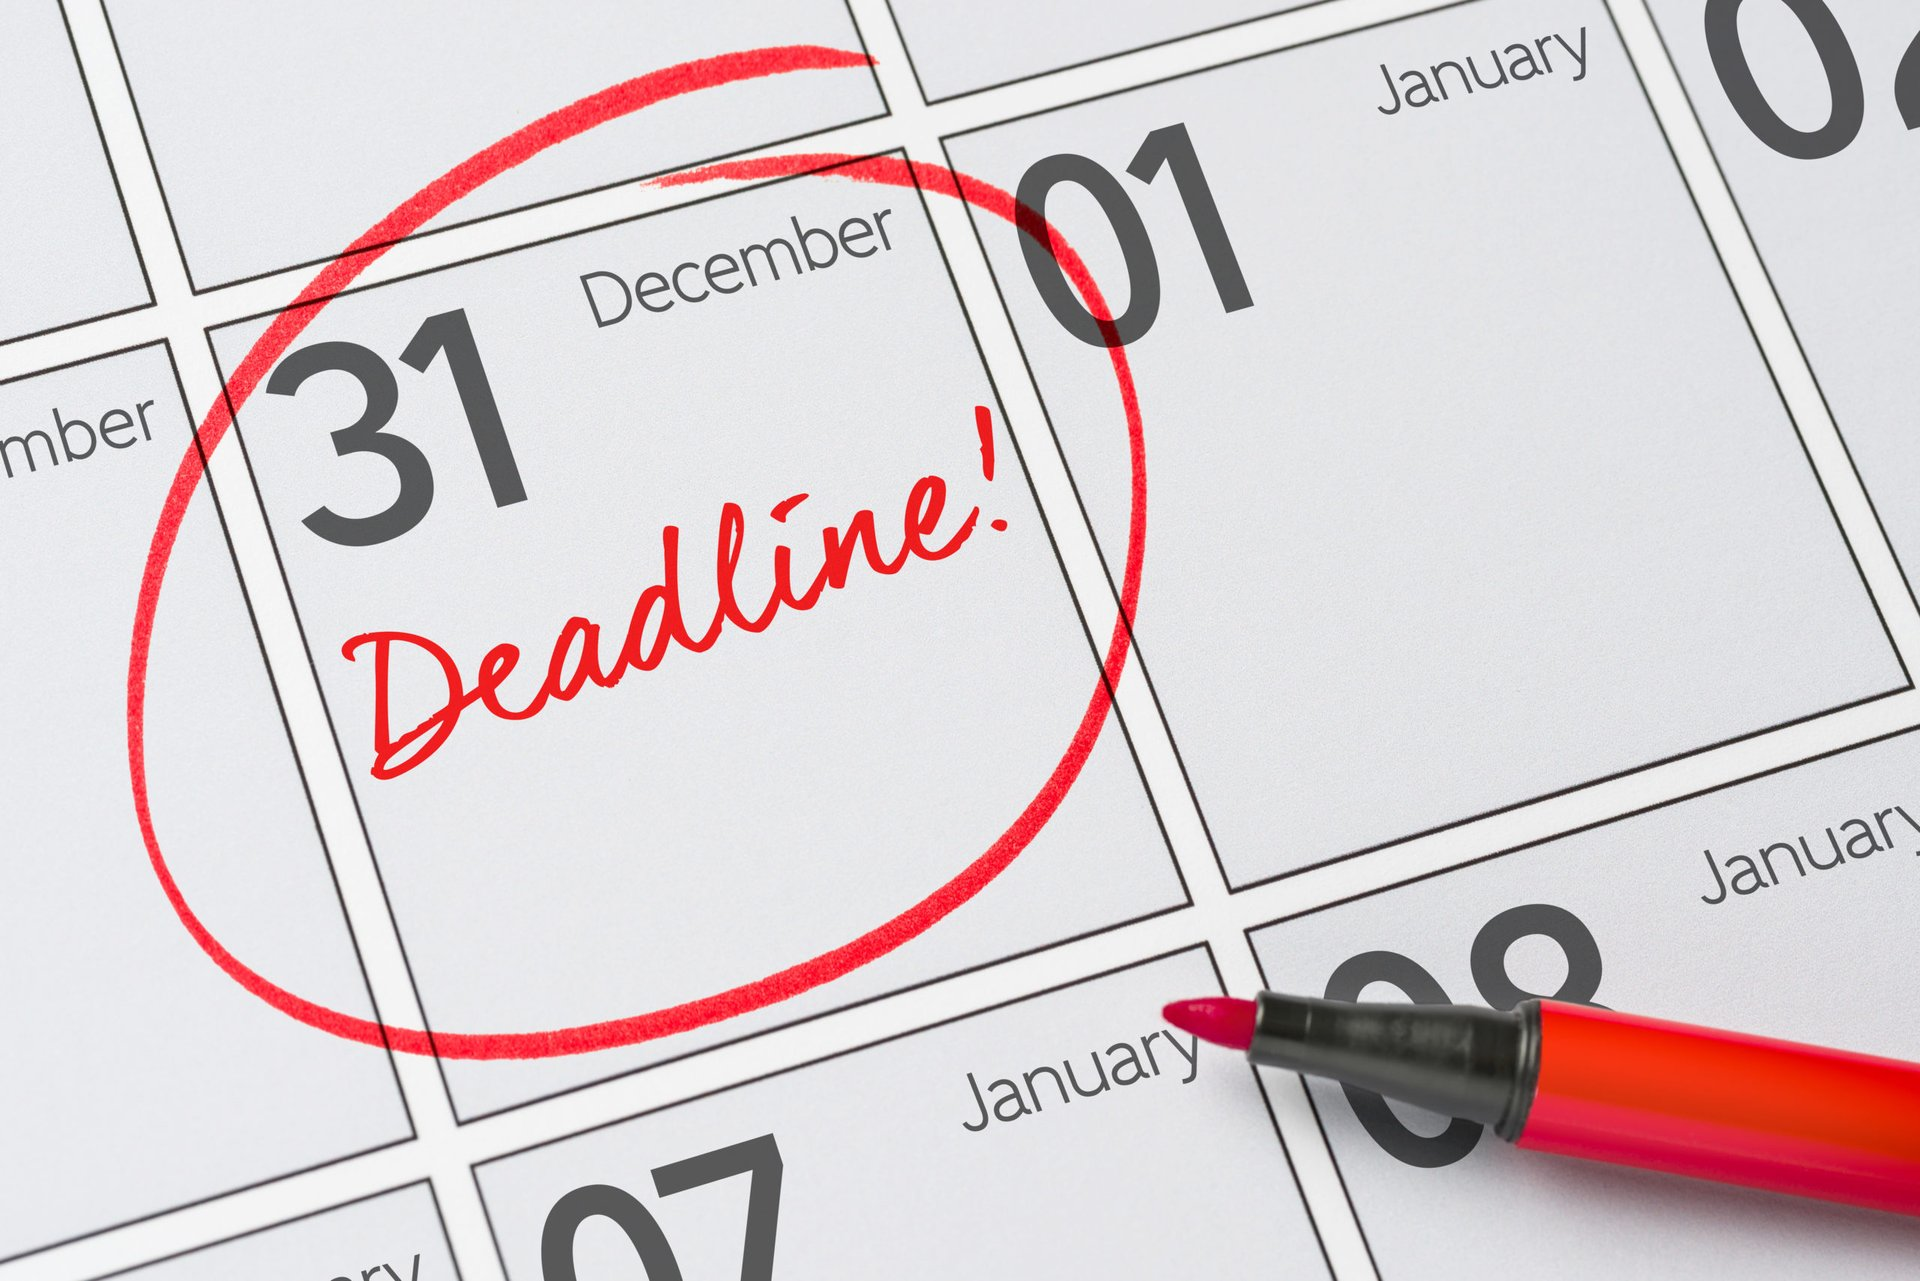 December 31 tax deadline marked on a calendar